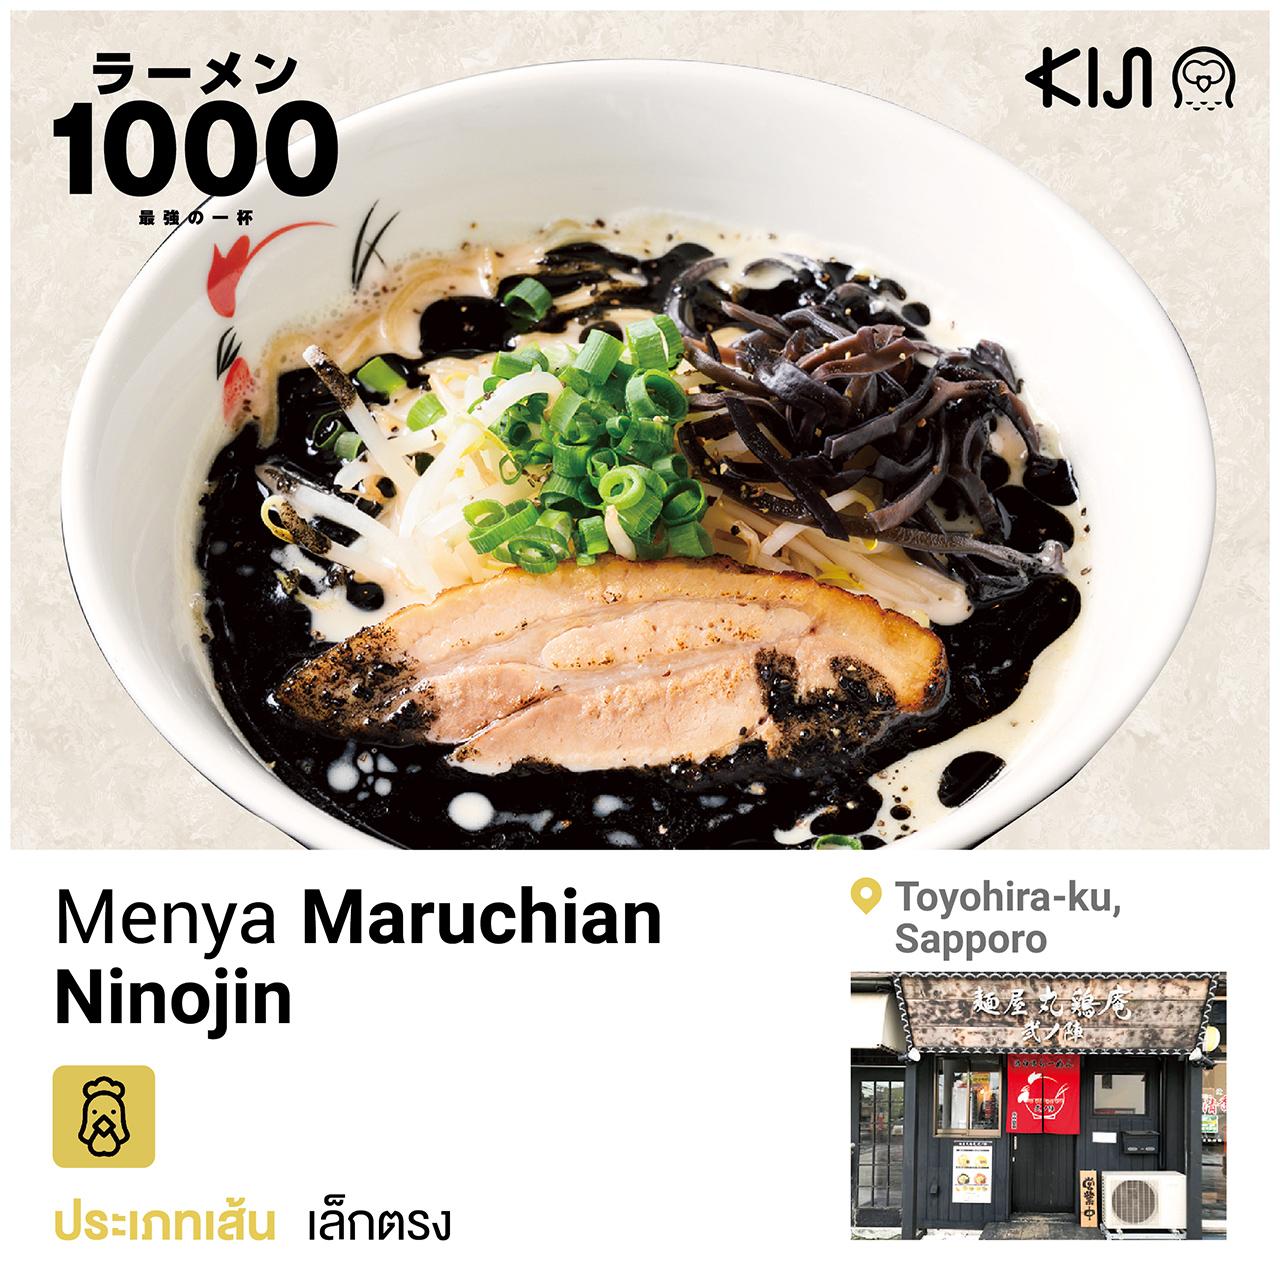 ร้านราเมน เขตโทโยฮิระ เมืองซัปโปโร จ.ฮอกไกโด - Menya Maruchian Ninojin